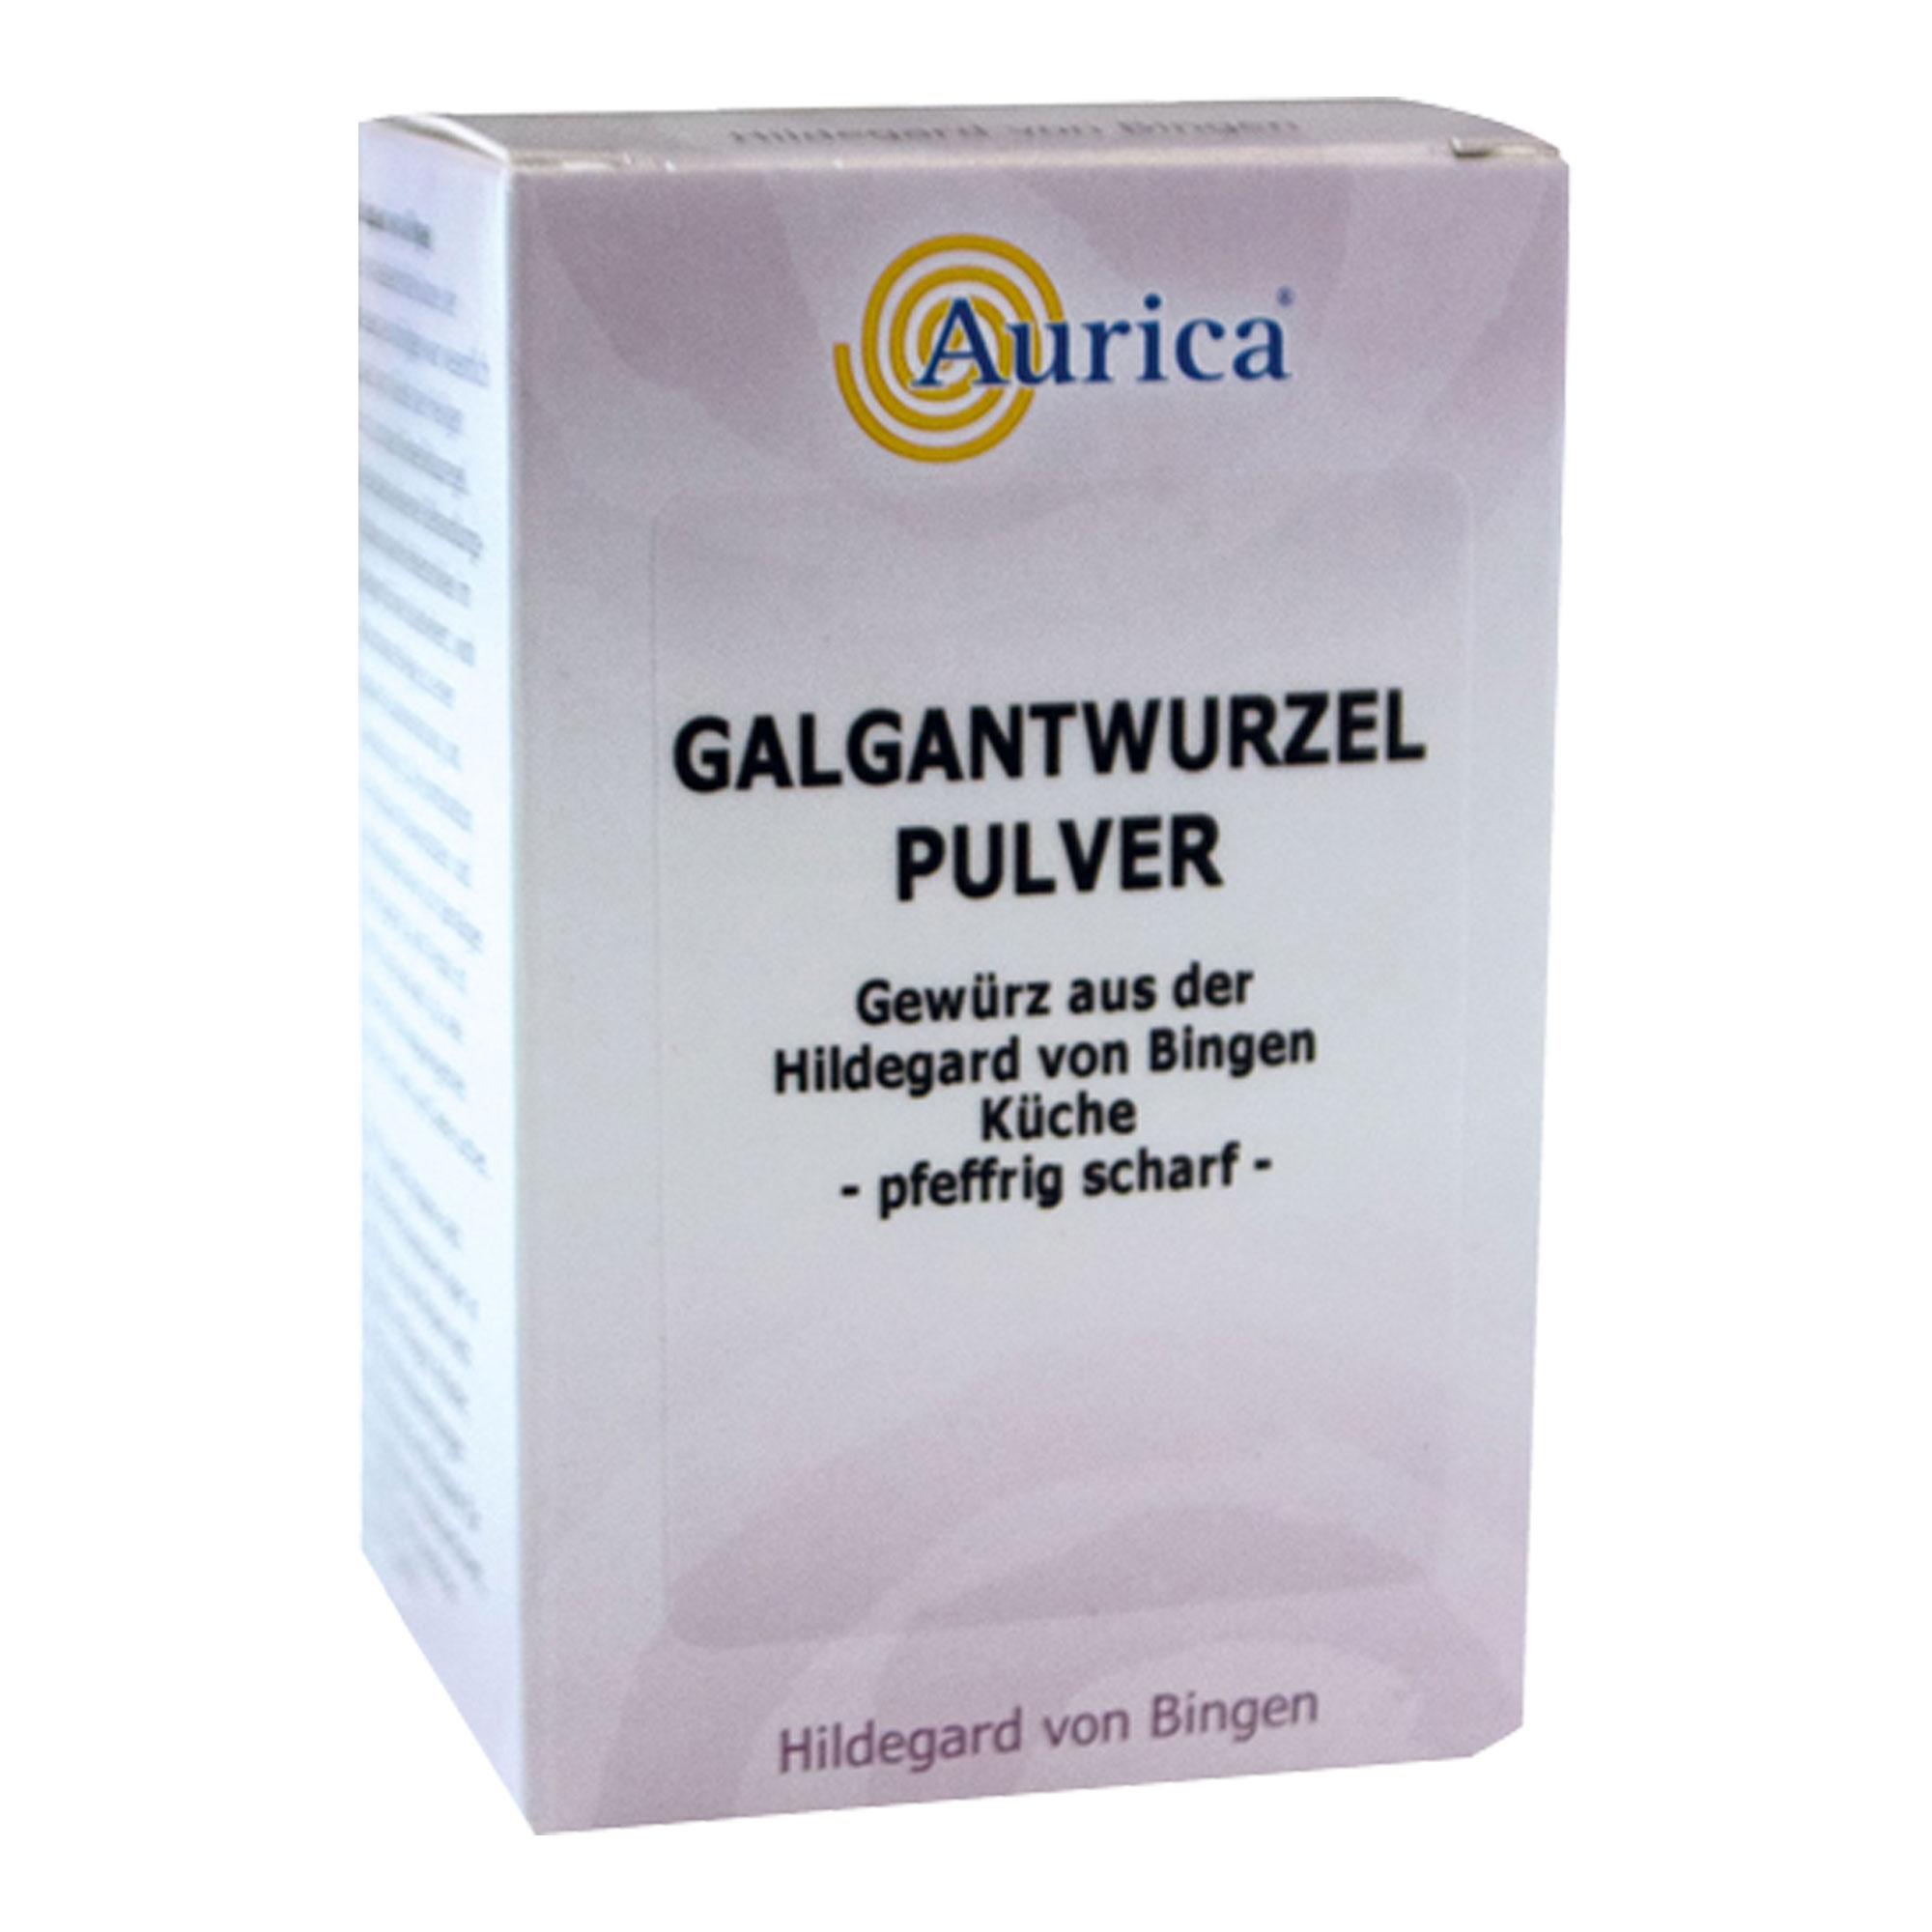 Galgantwurzel-Pulver Aurica